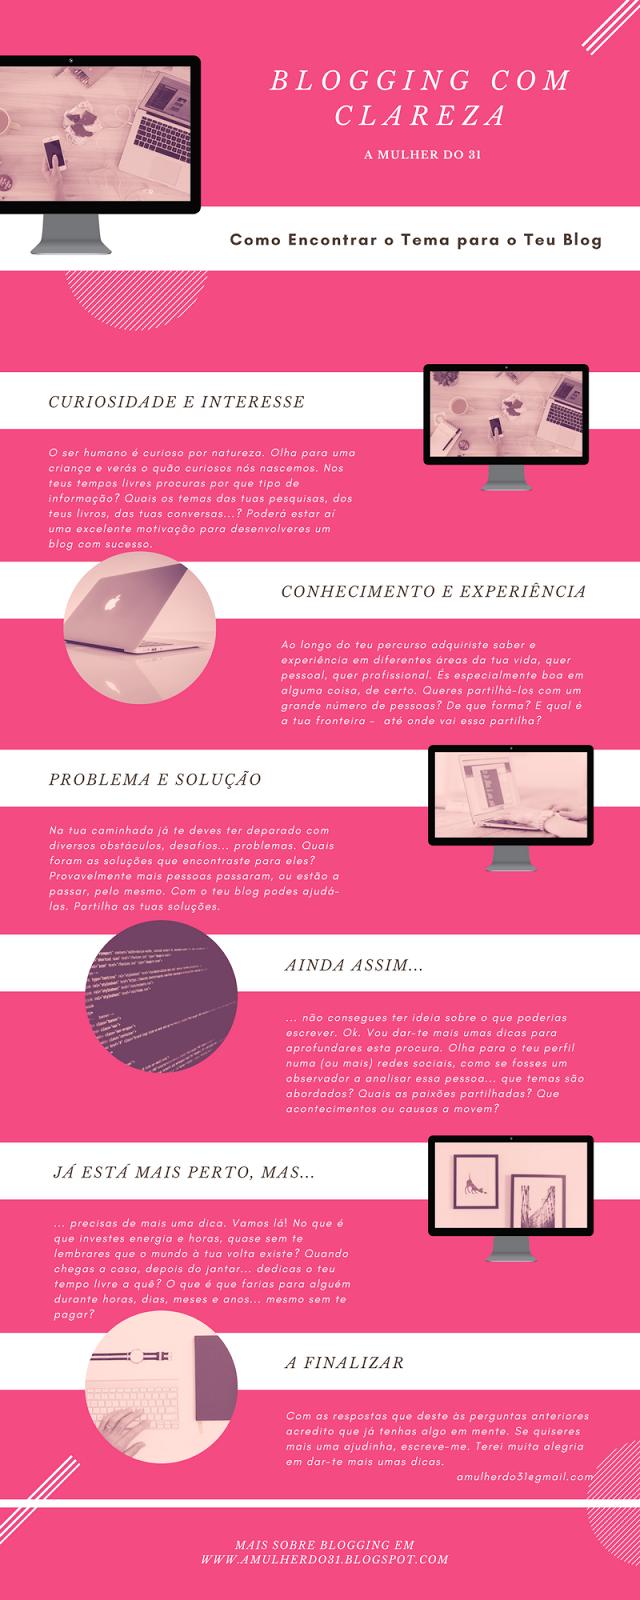 Uma Série Sobre Blogging com Clareza